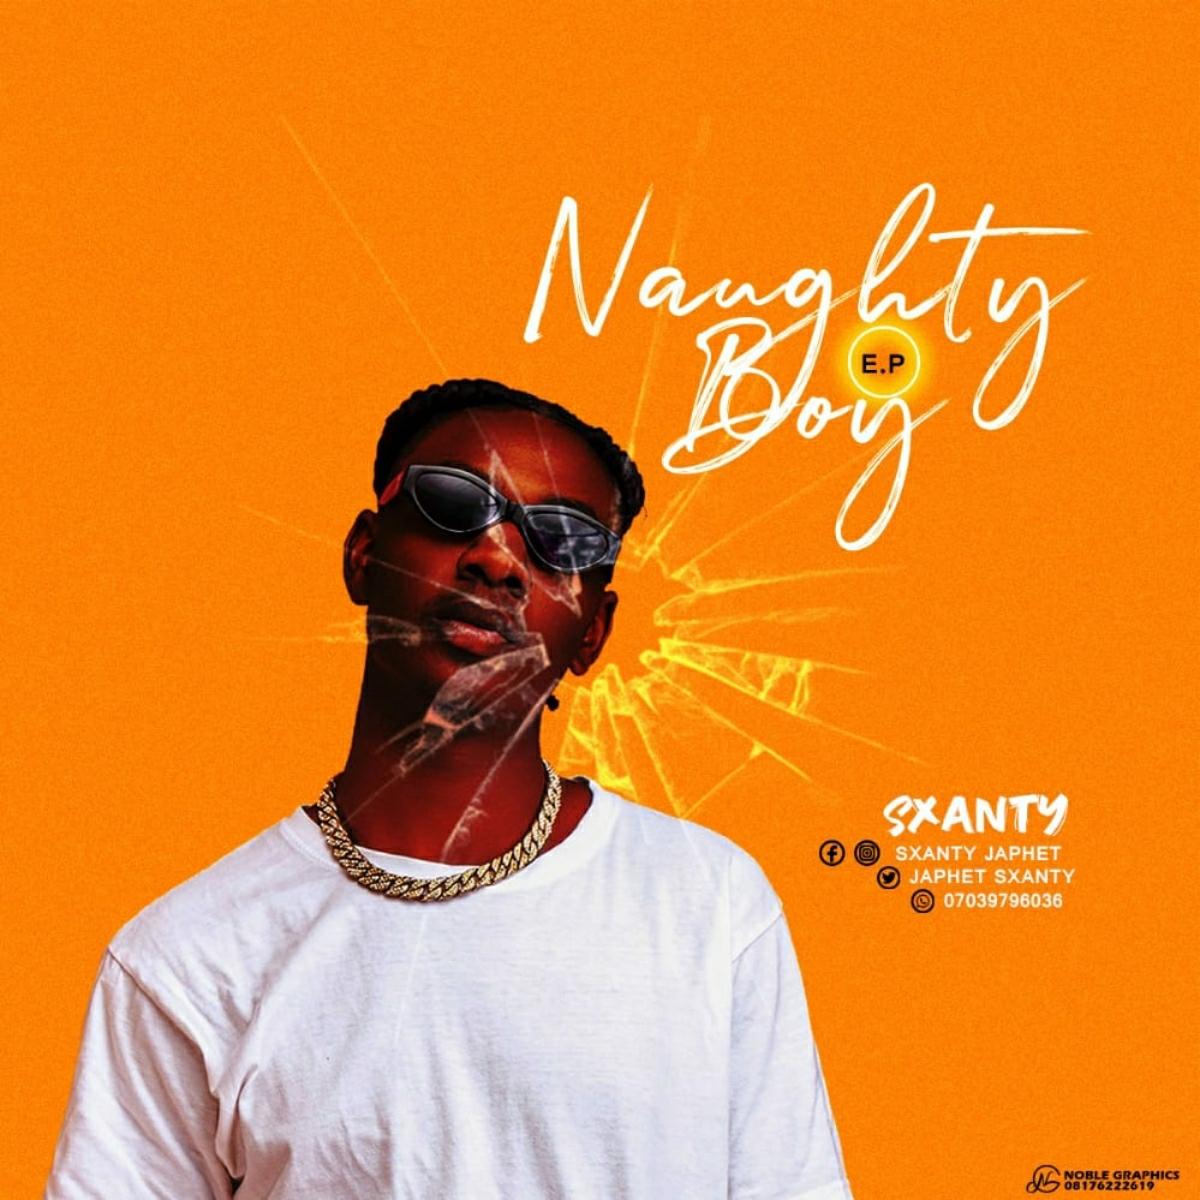 Sxanty – Naughty Boy EP